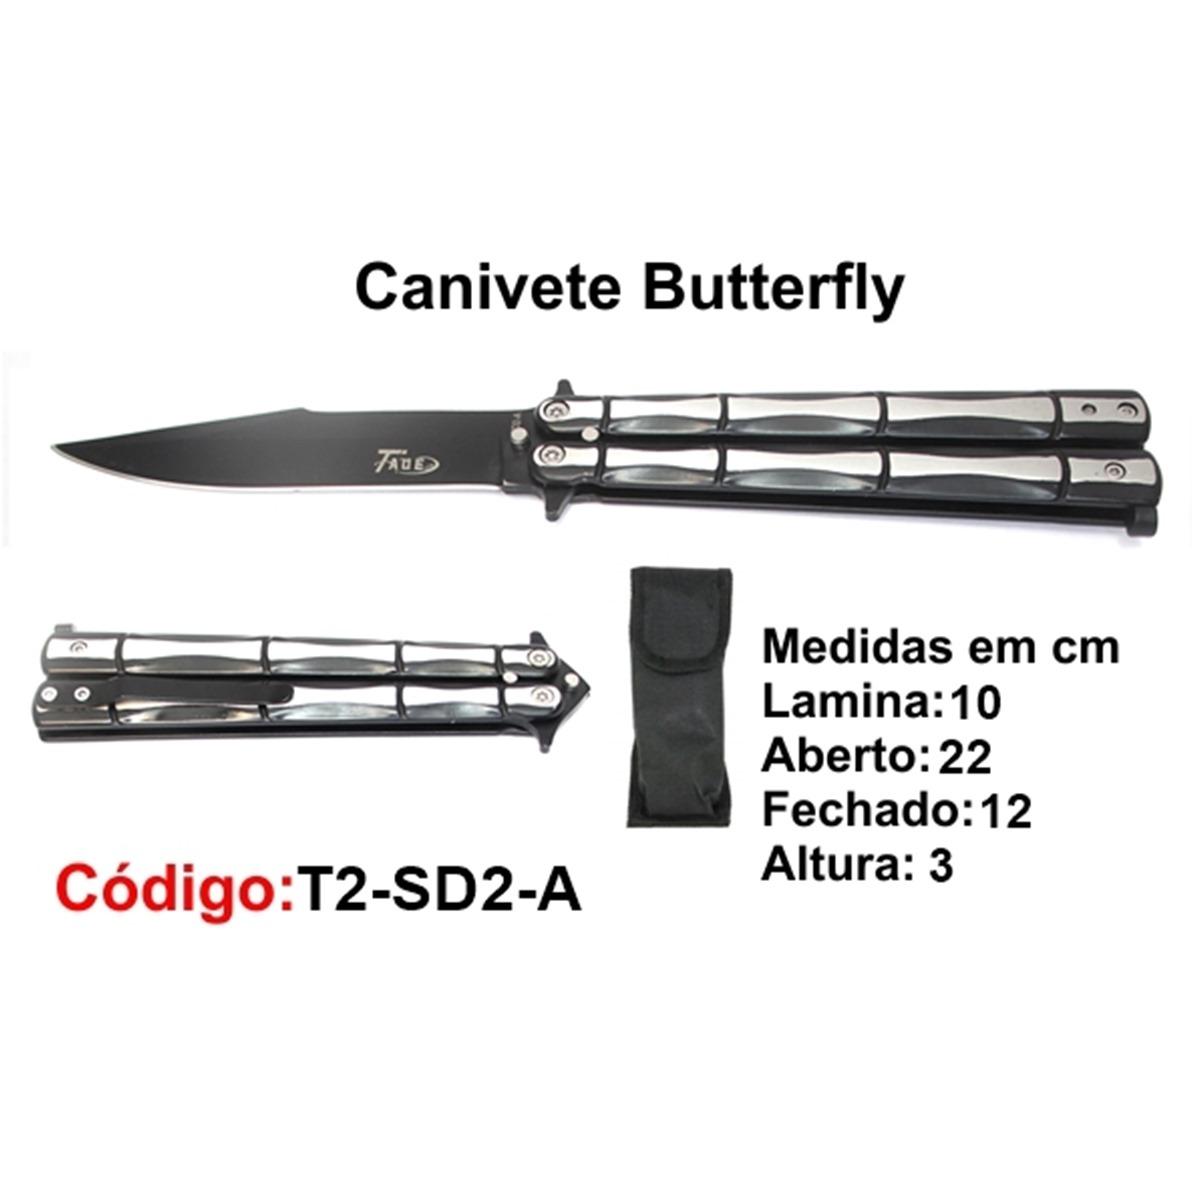 Canivete Esportivo Butterfly Borboleta T2-SD2-A